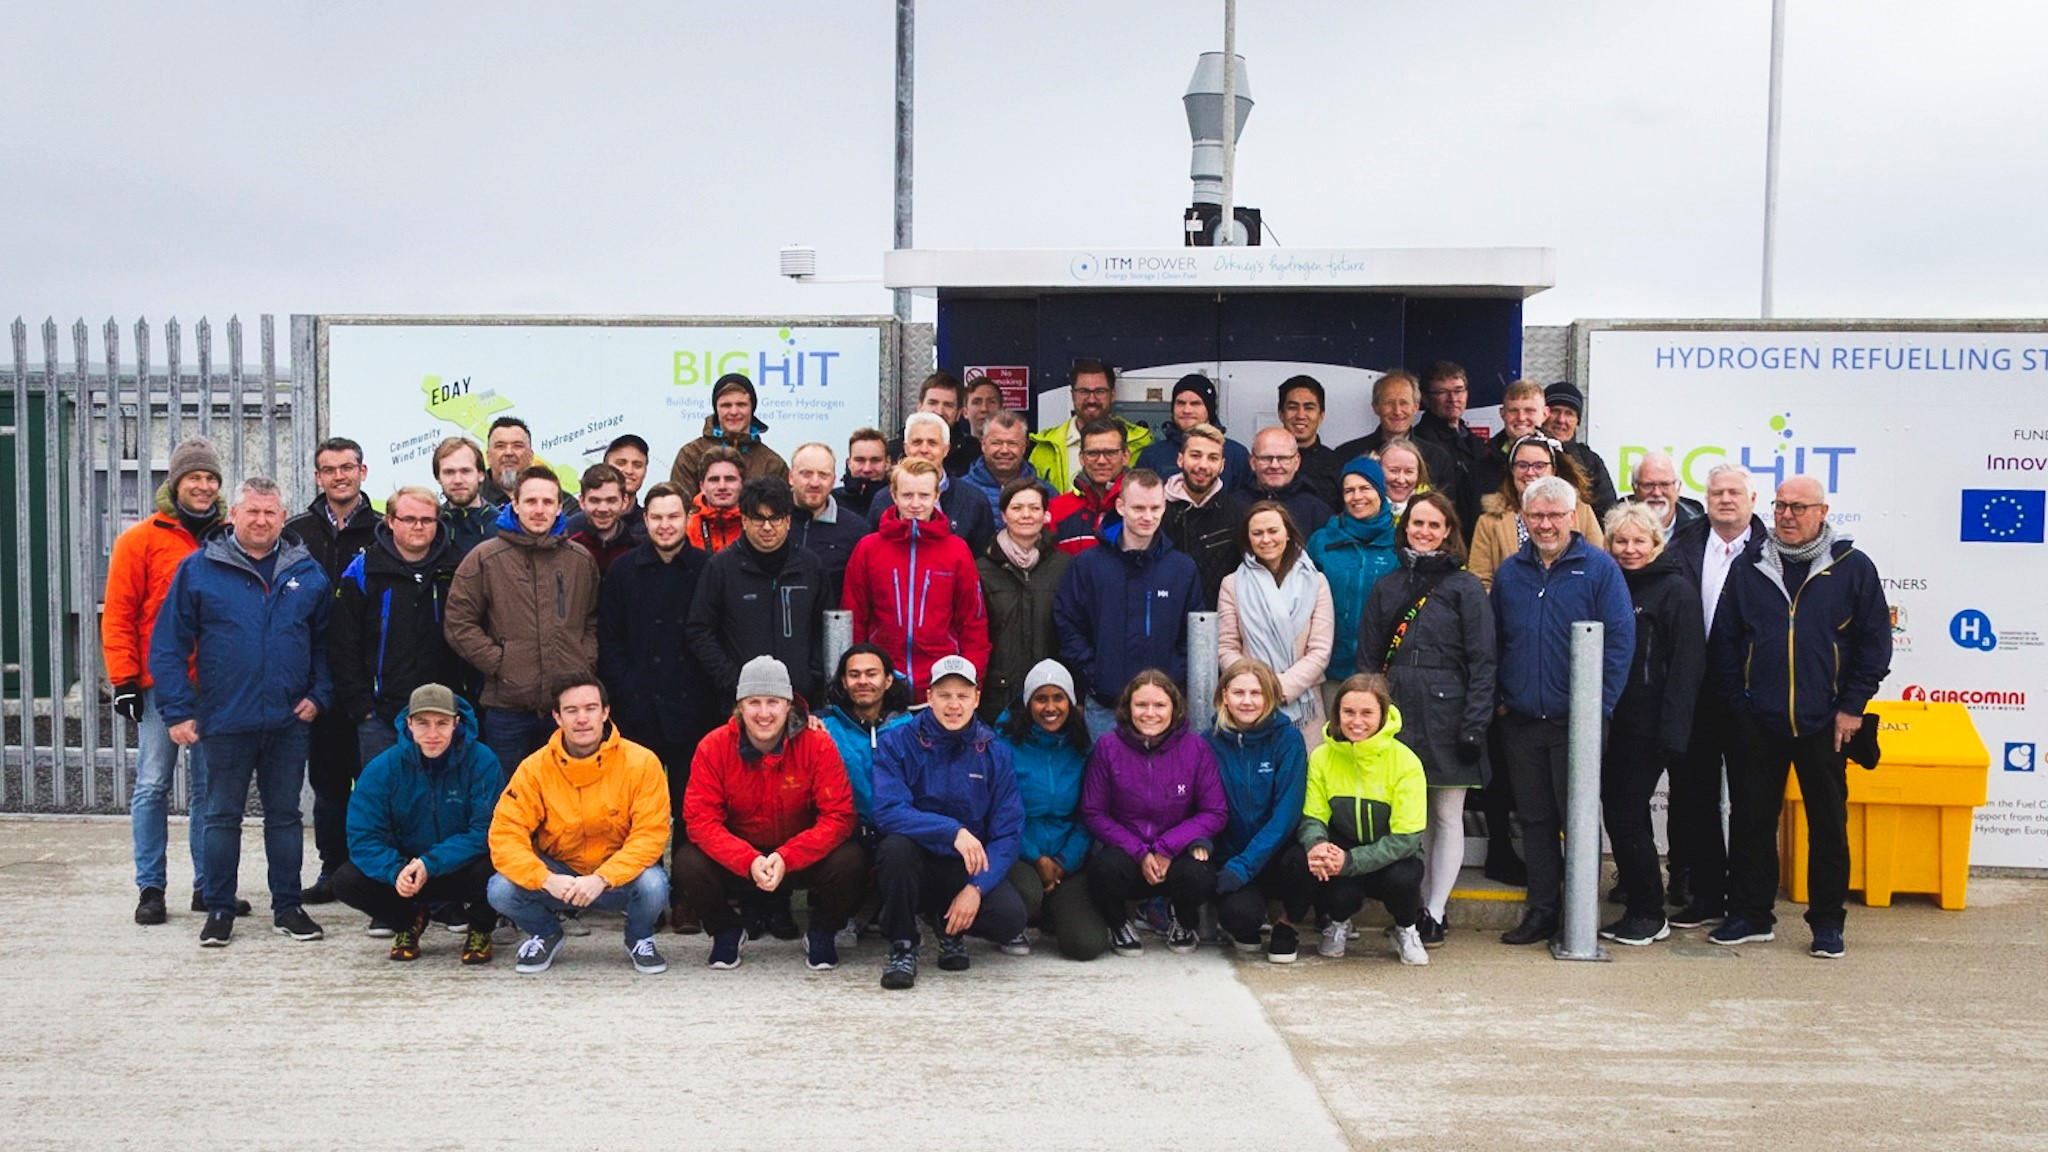 The Study Tour in front of the Hatston H2 refuelling station (Photo: Mikel Gonsholt, bachelorstudent i fornybar energi, høgskulen på Vestlandet)